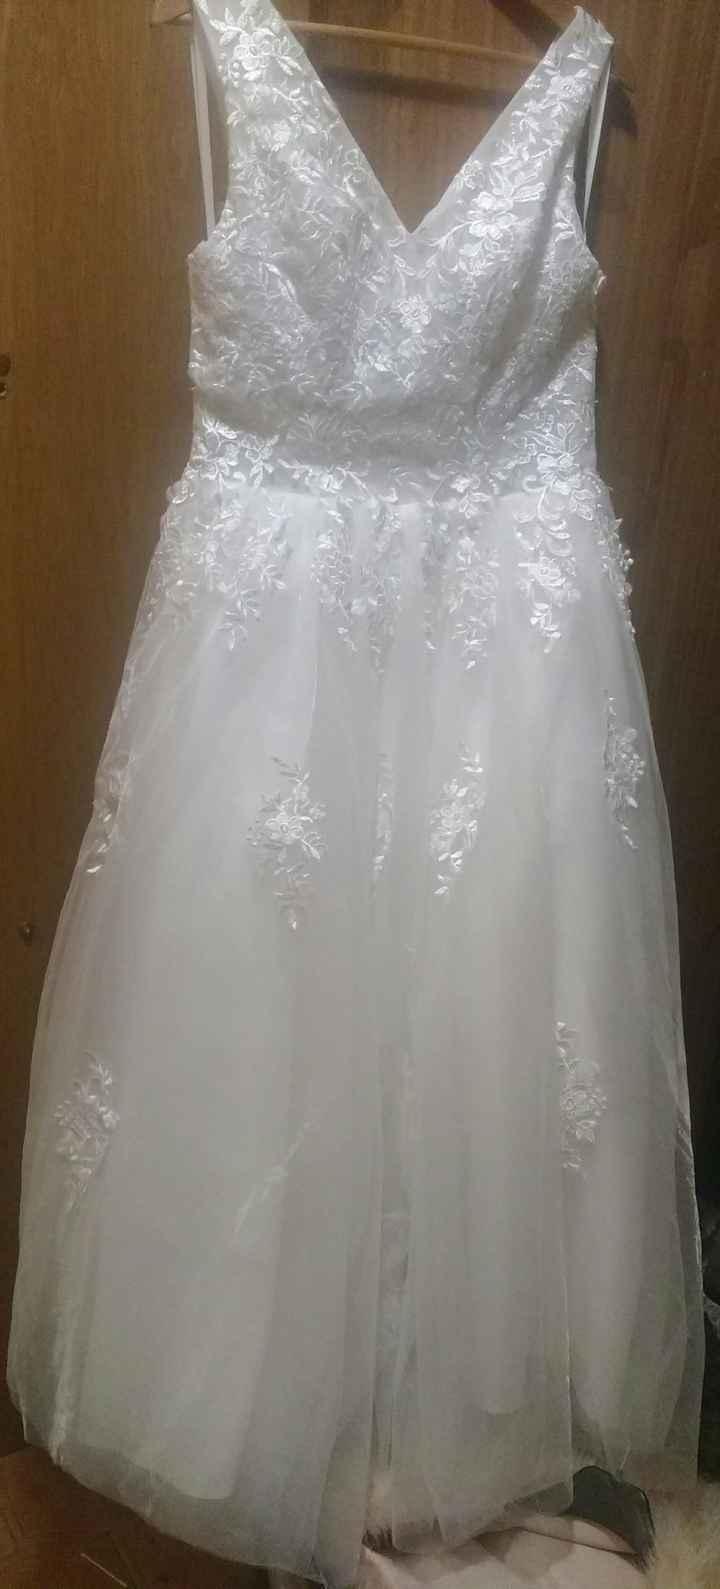 Tienda vestidos novia - 1